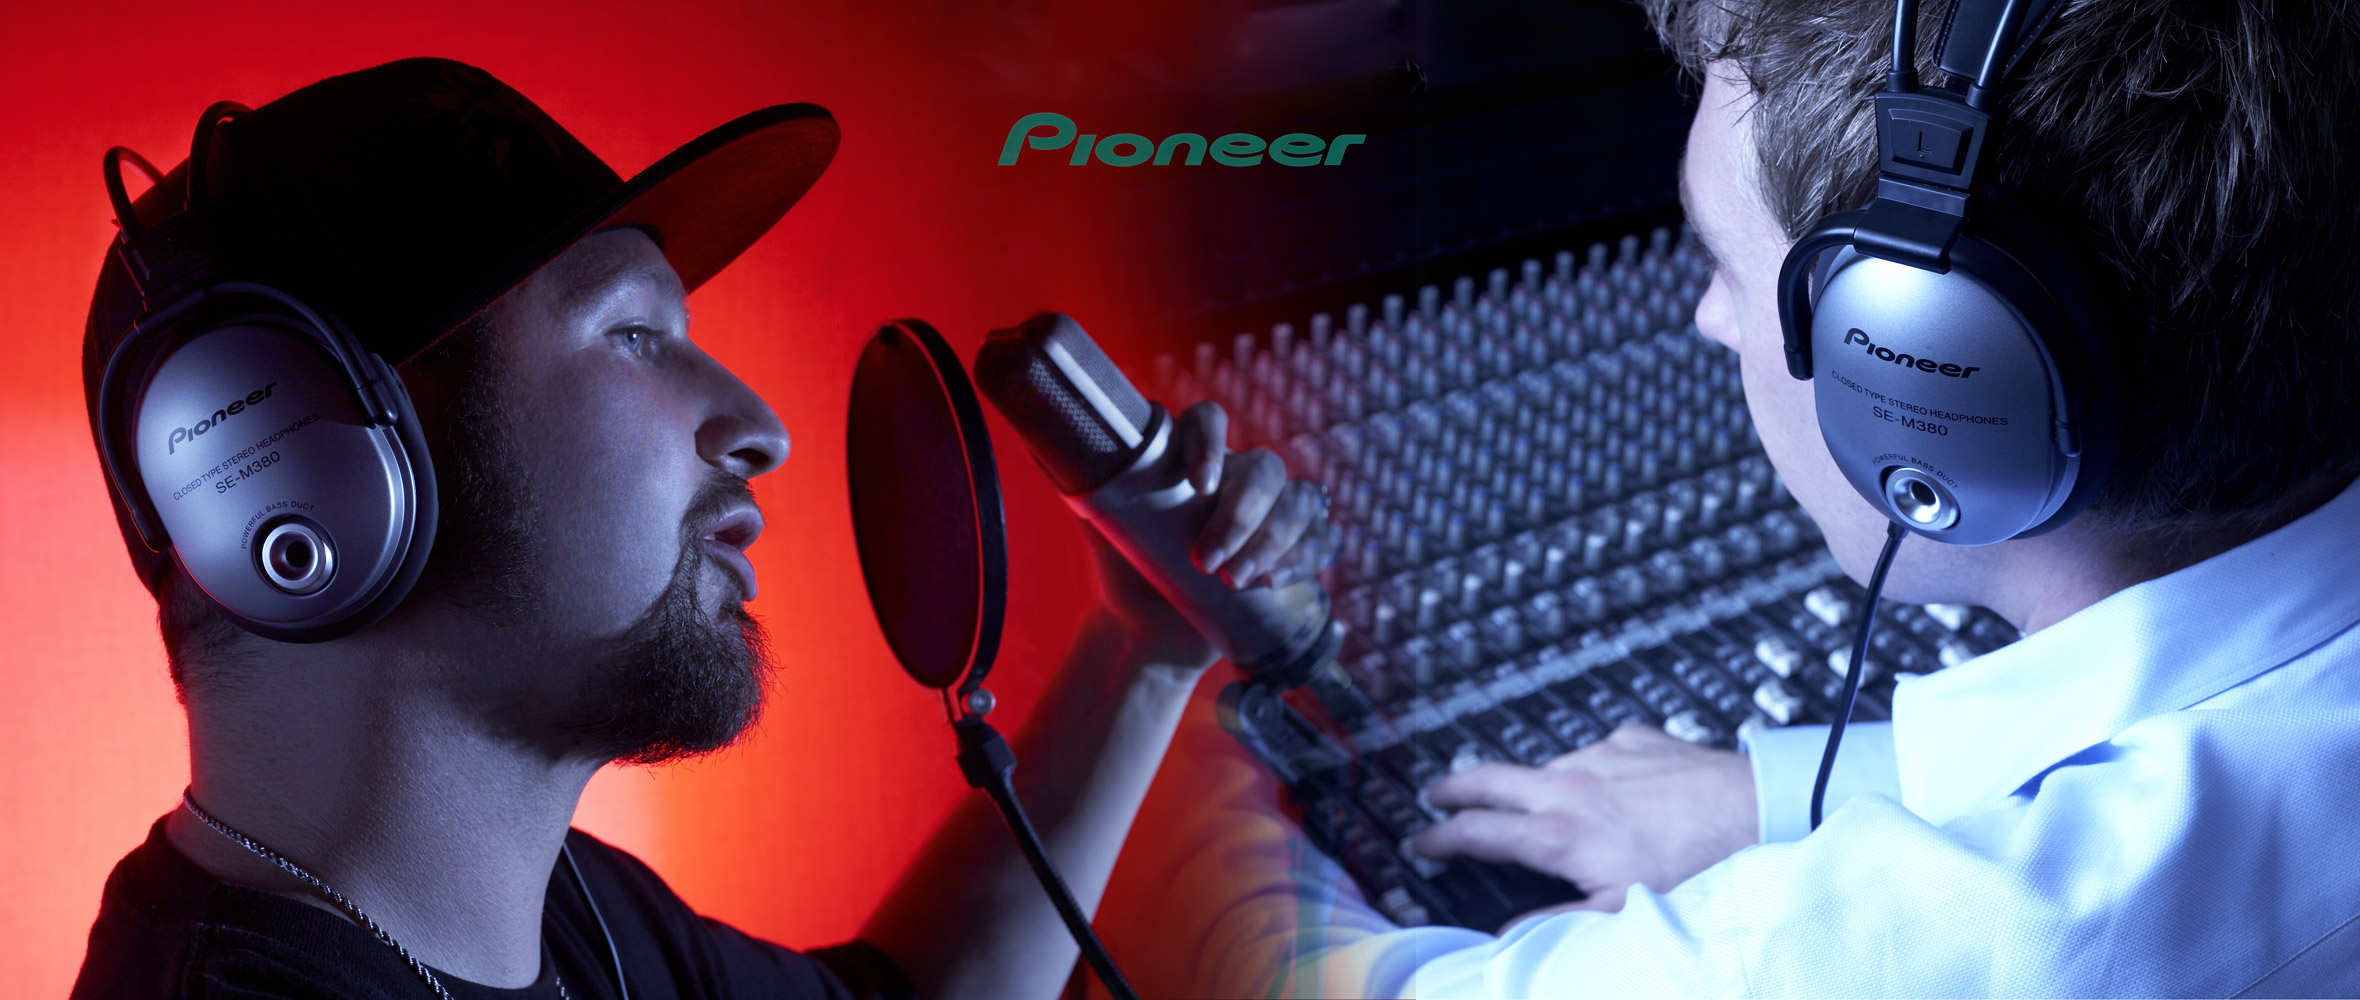 PIONEER_AD_09.jpg